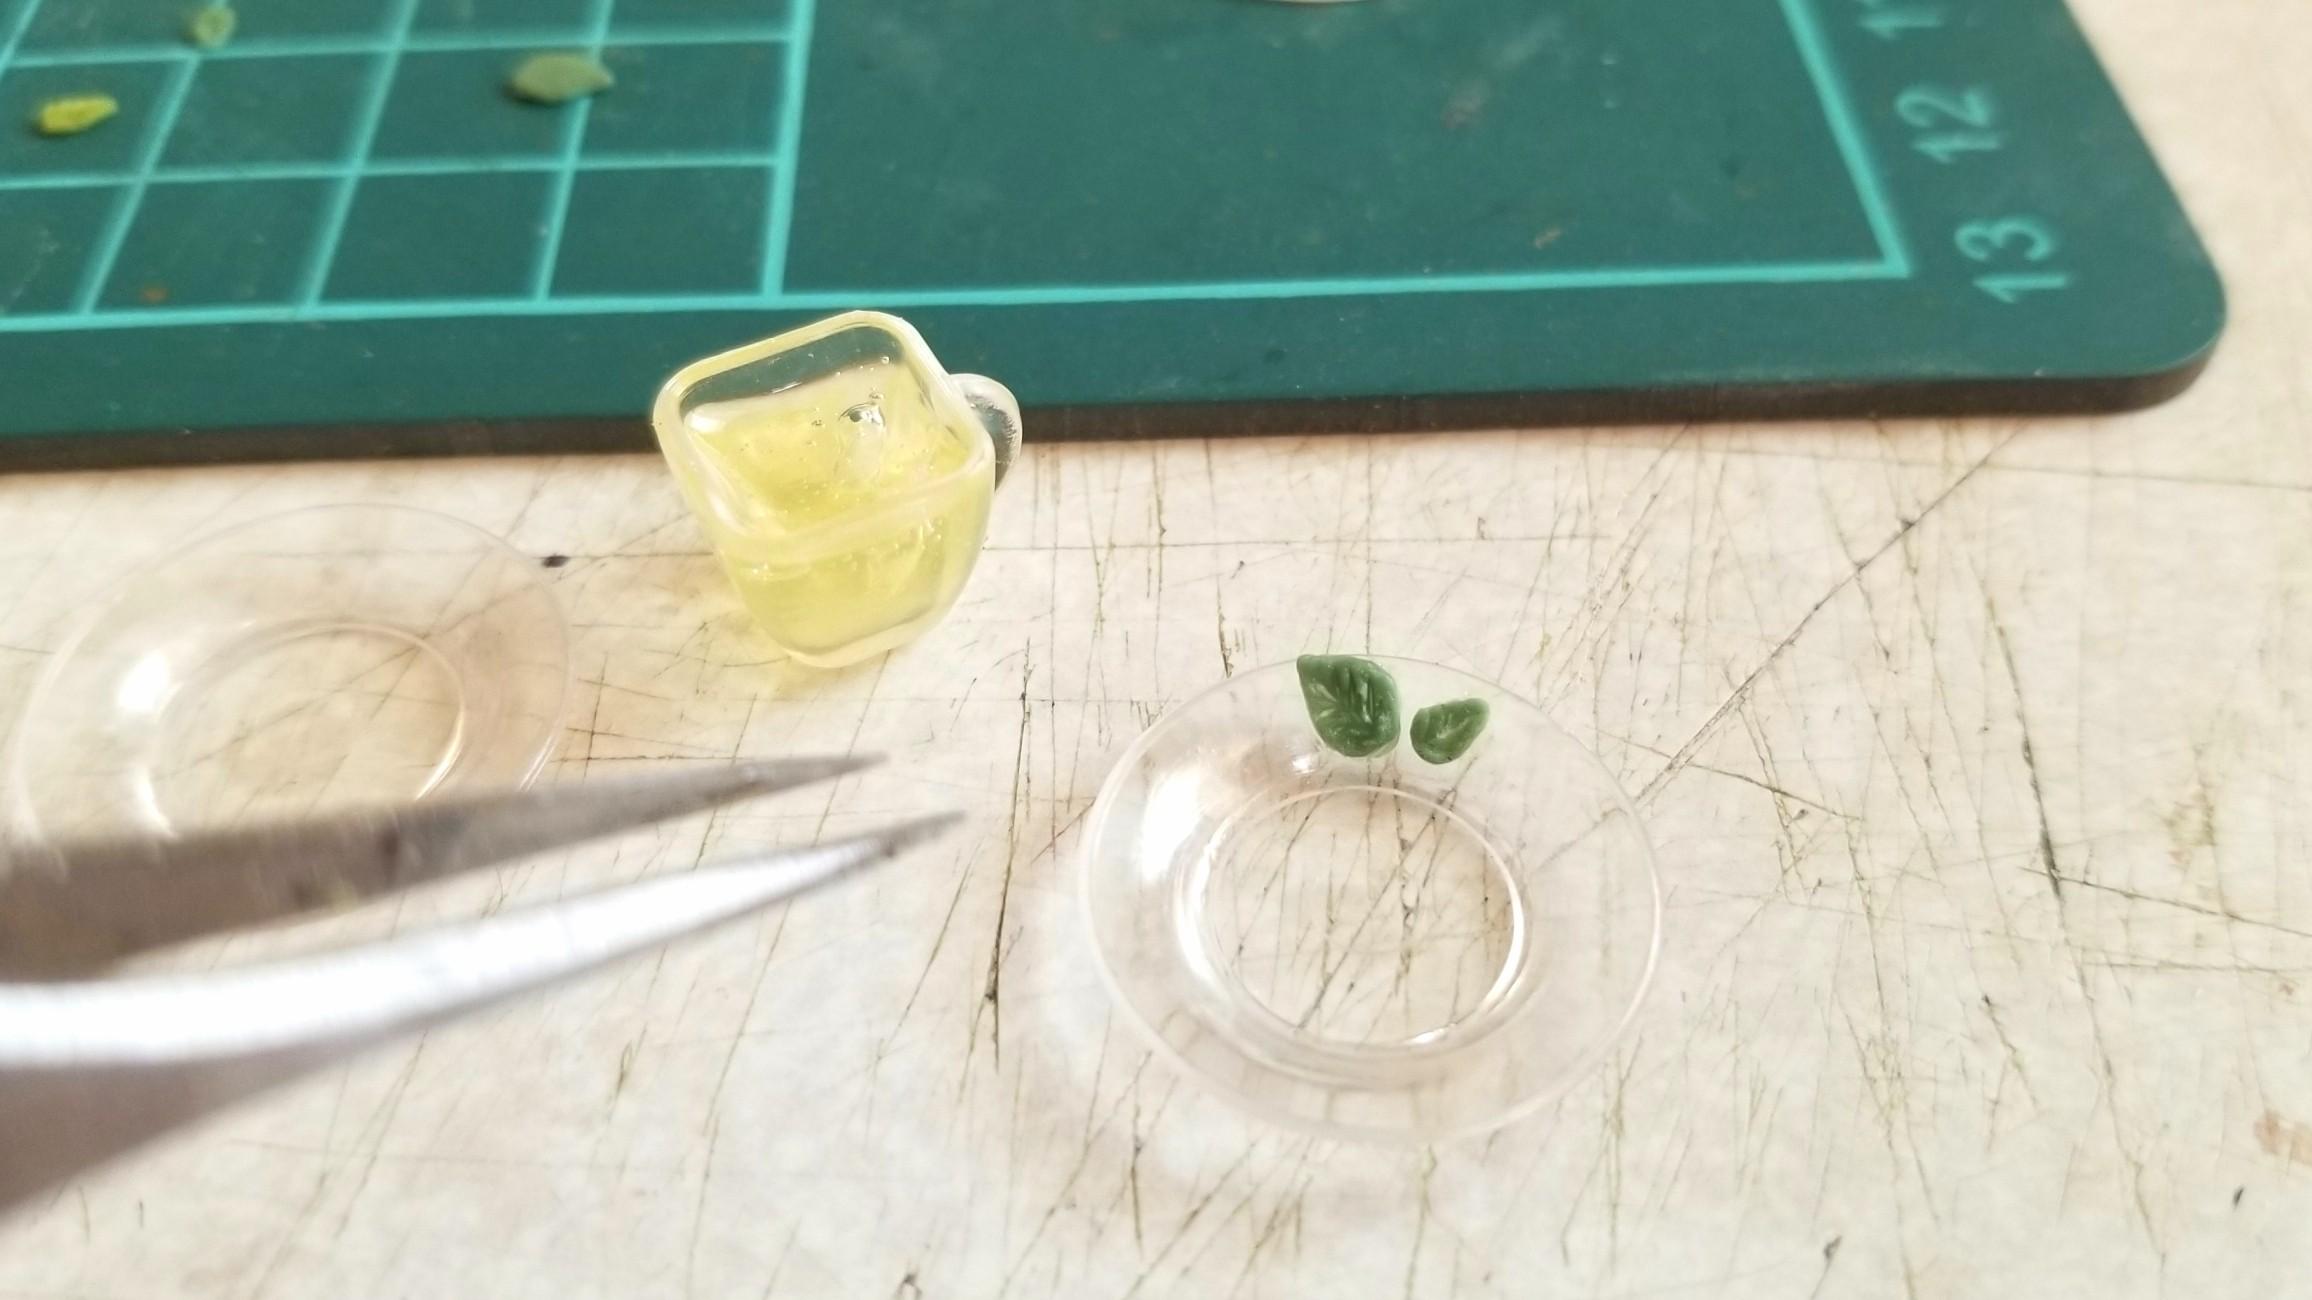 ミニチュア,ハーブティー,作り方,UVレジン,エキナセアレモン,紅茶